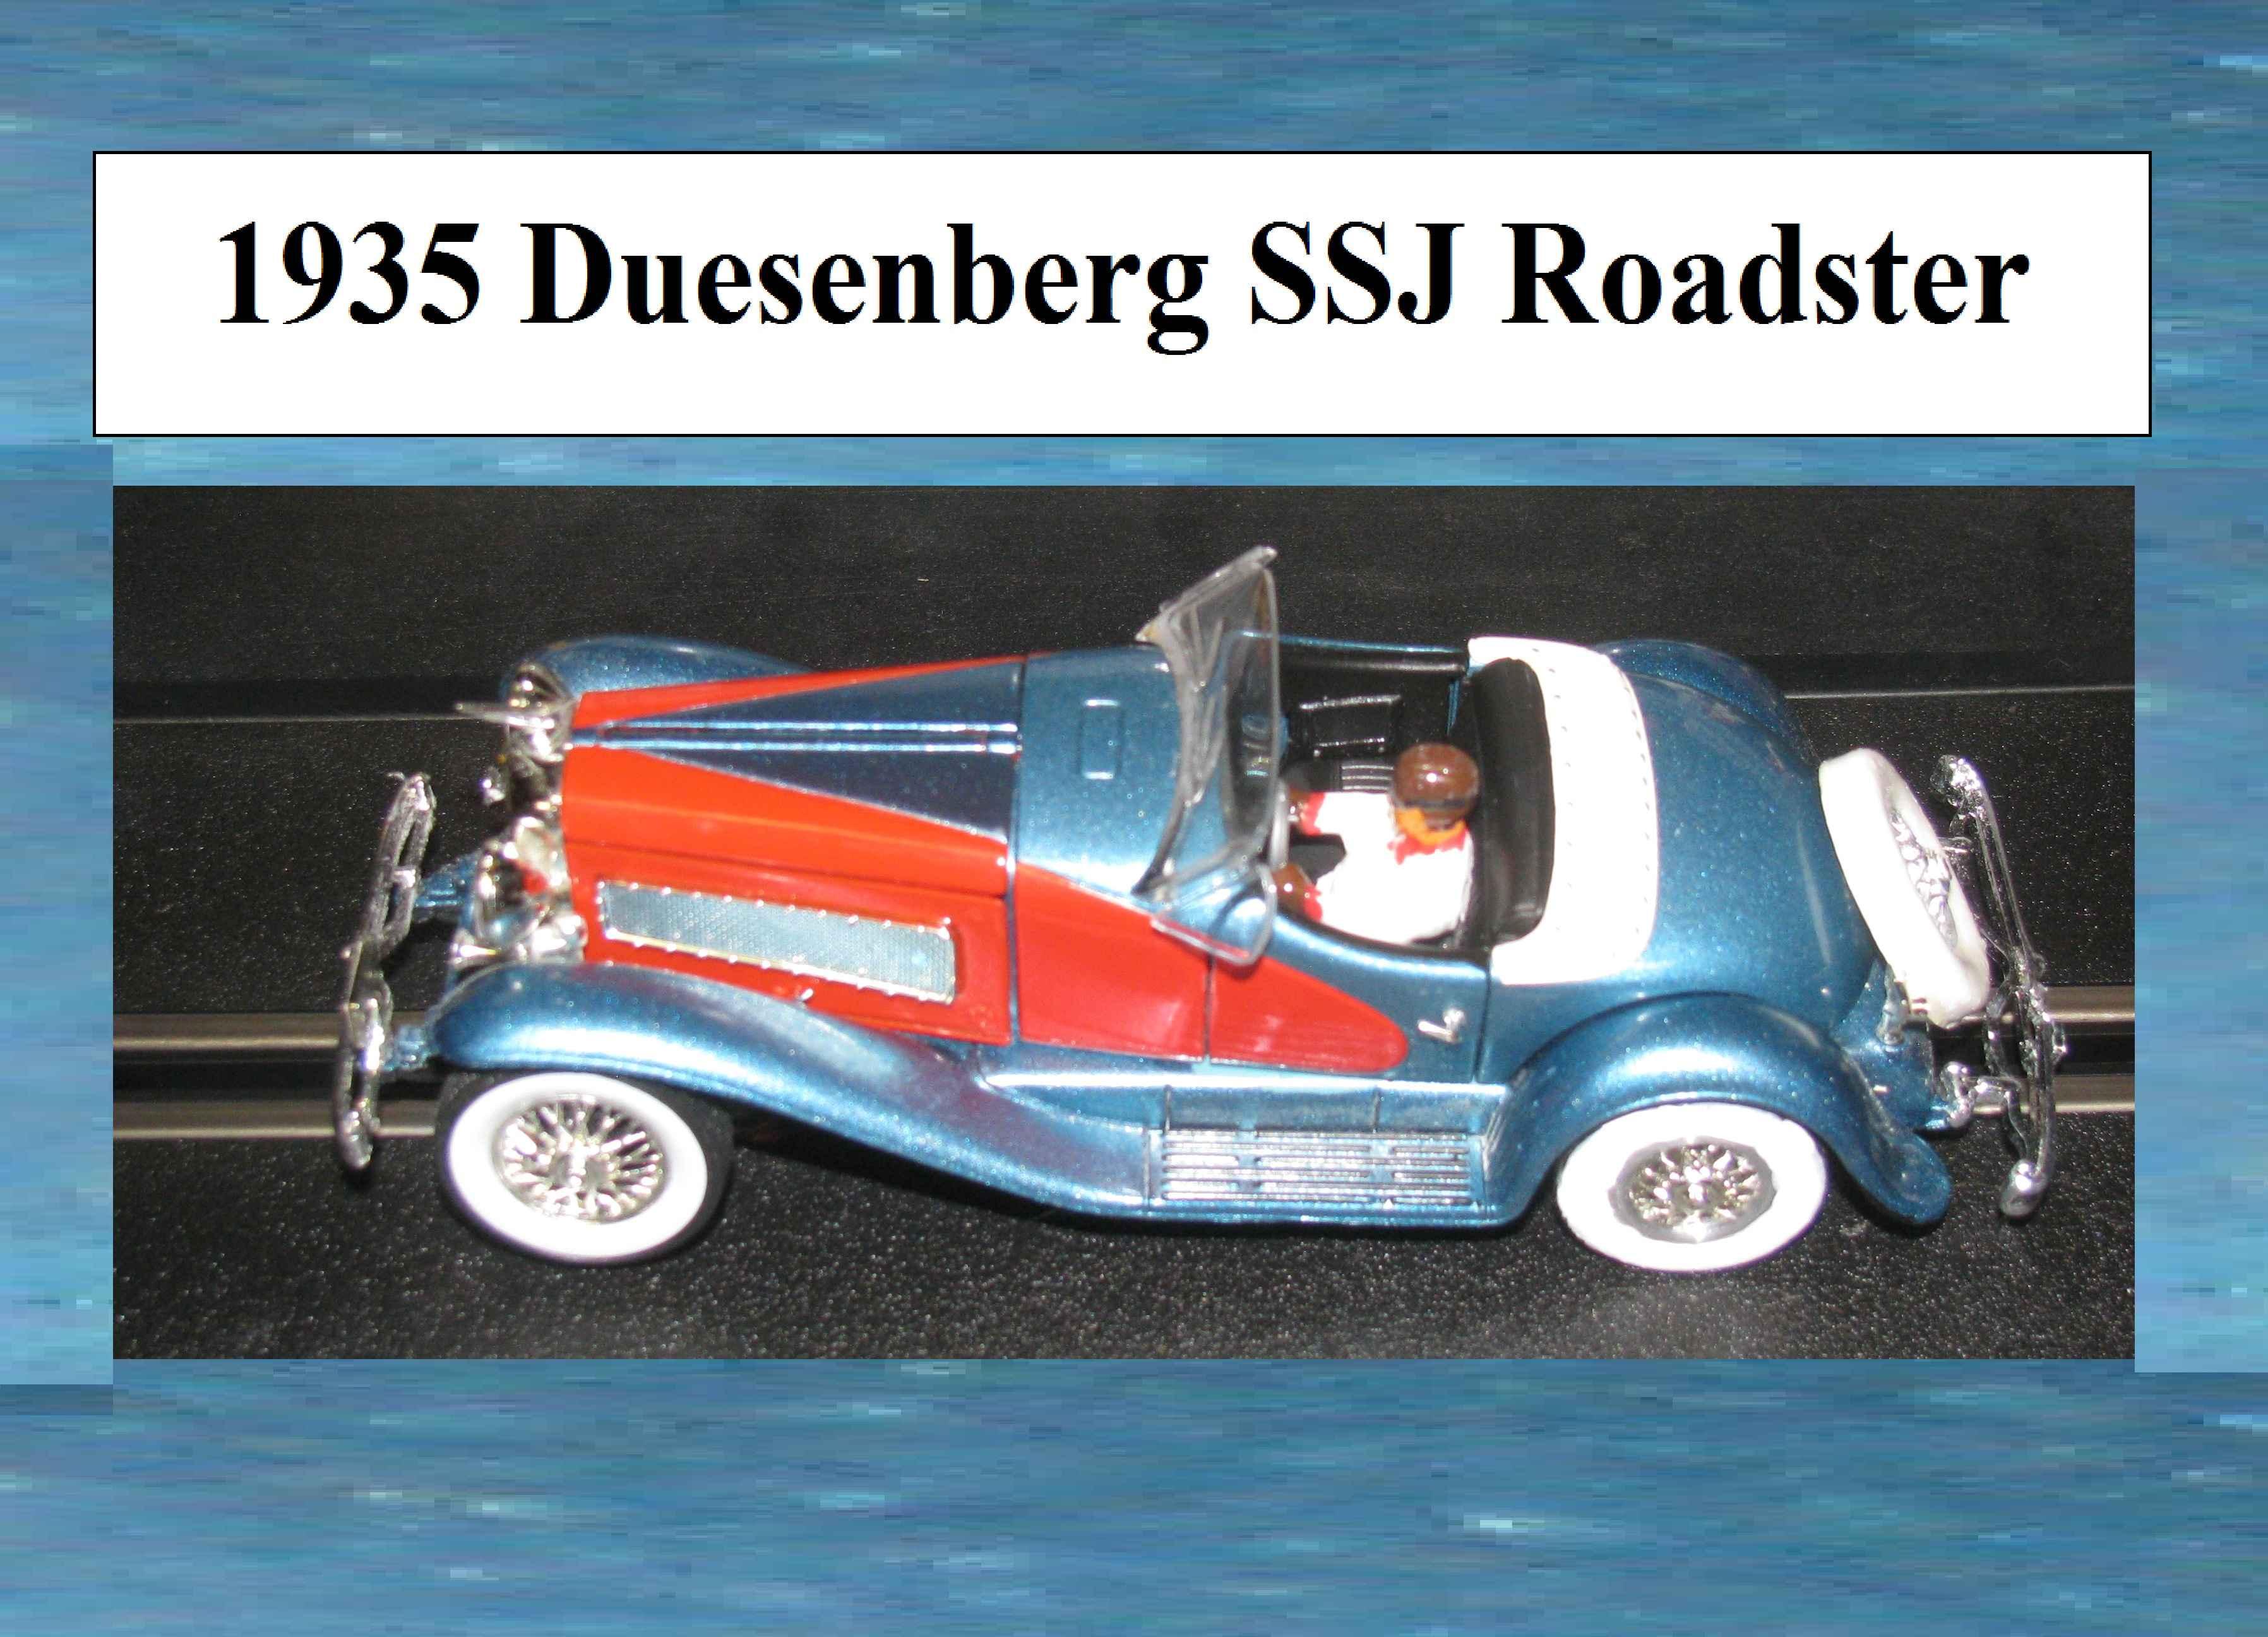 * Sale * 1935 Duesenberg SSJ Roadster 1:32 Scale Slot Car